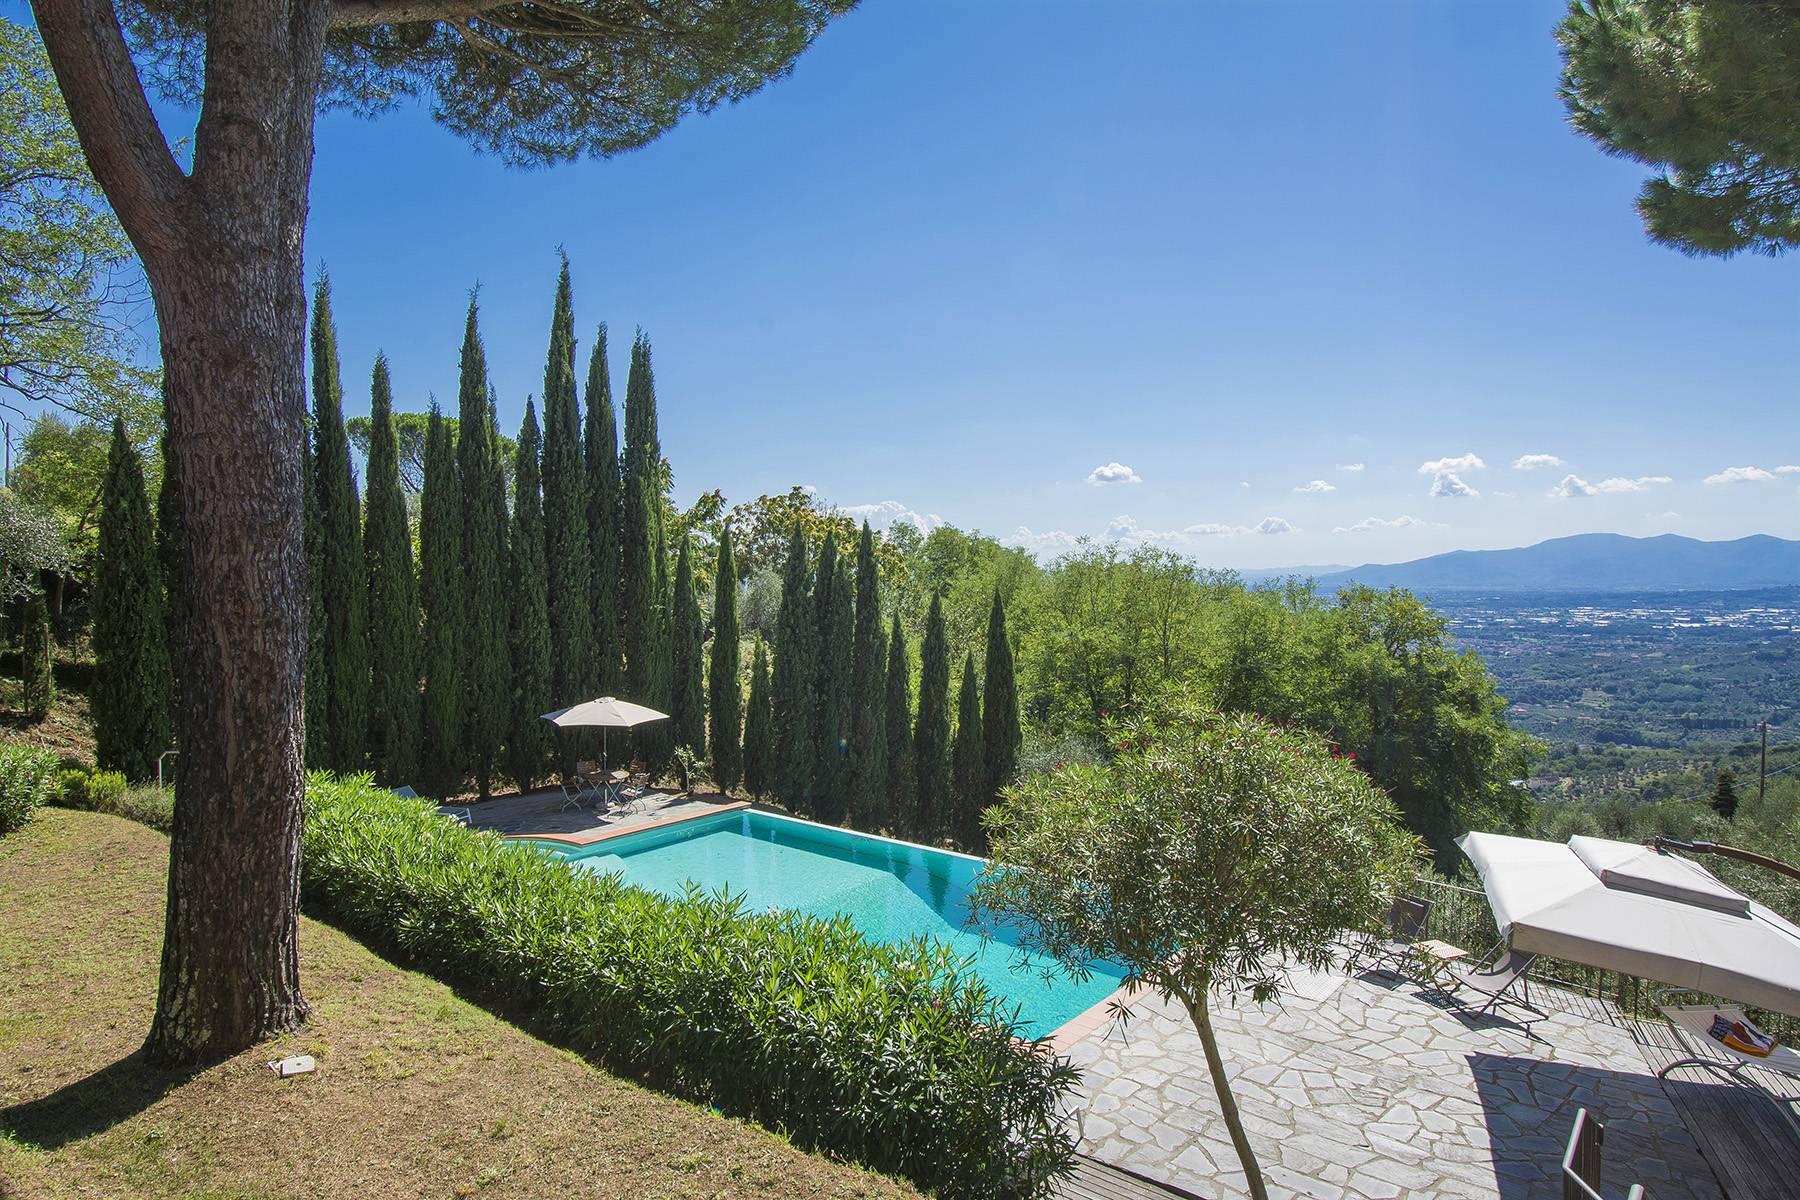 Villa in Vendita a Montecatini-Terme: 5 locali, 250 mq - Foto 5